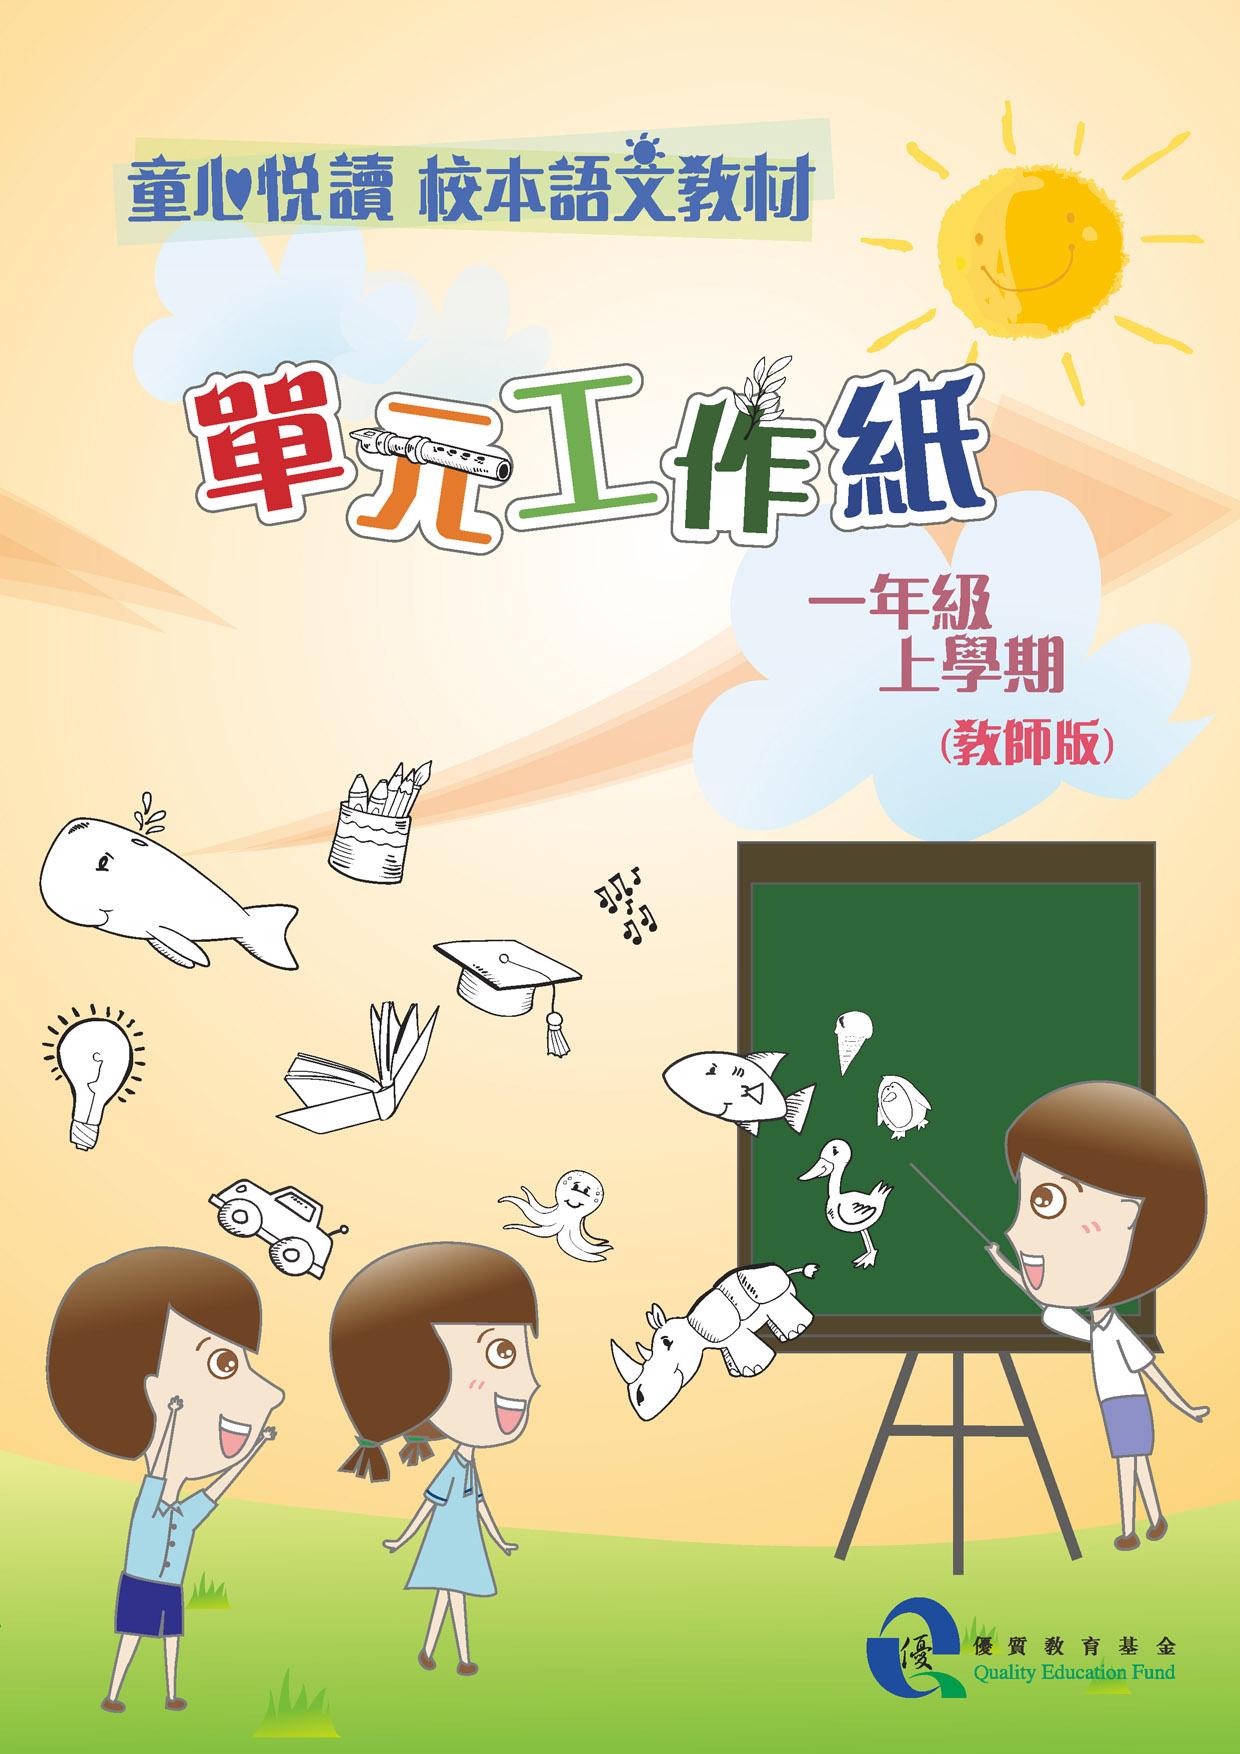 童心悅讀校本語文教材 一年級上學期單元工作紙 - 教師版